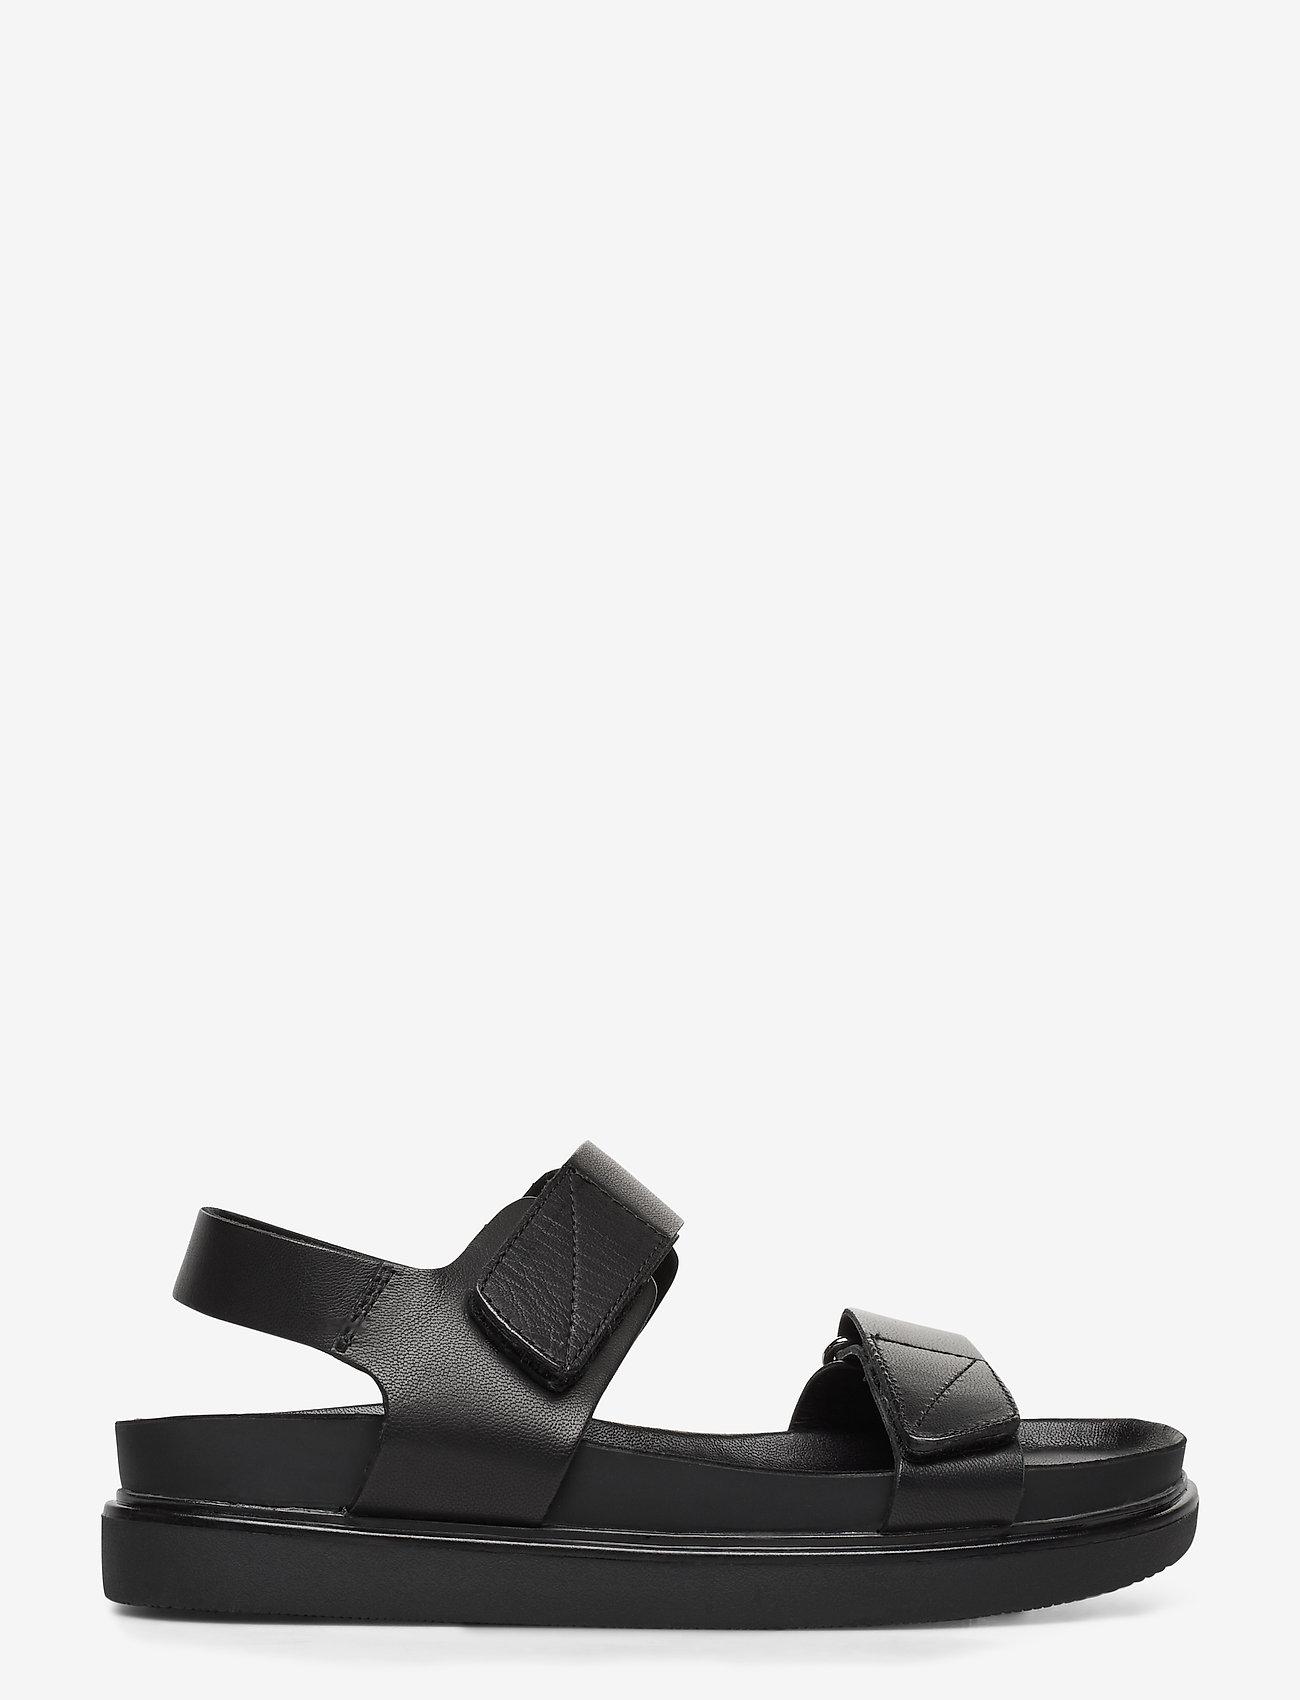 VAGABOND - ERIN - płaskie sandały - black - 1